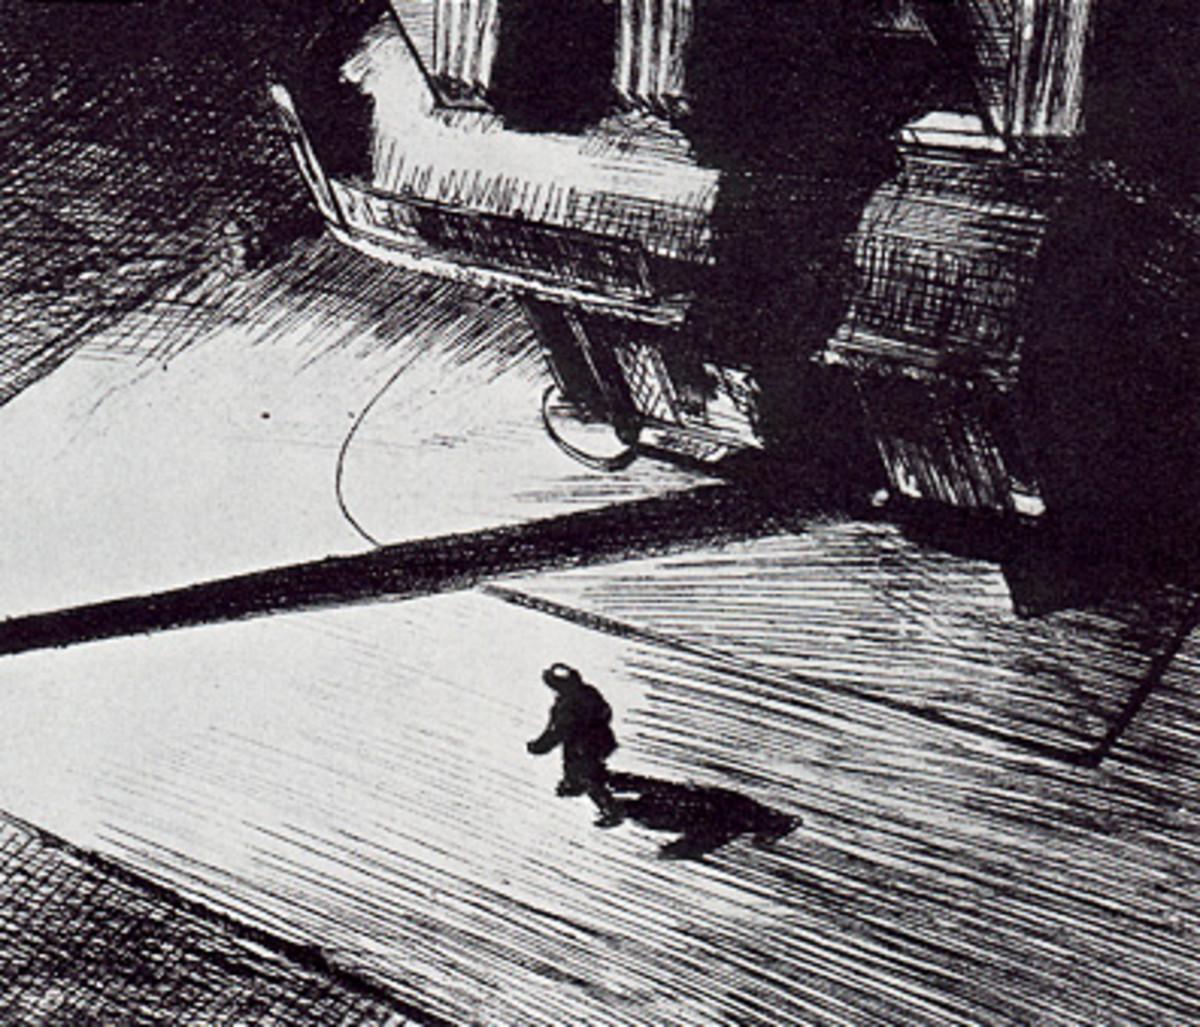 Night Shadows, Edward Hopper, 1921